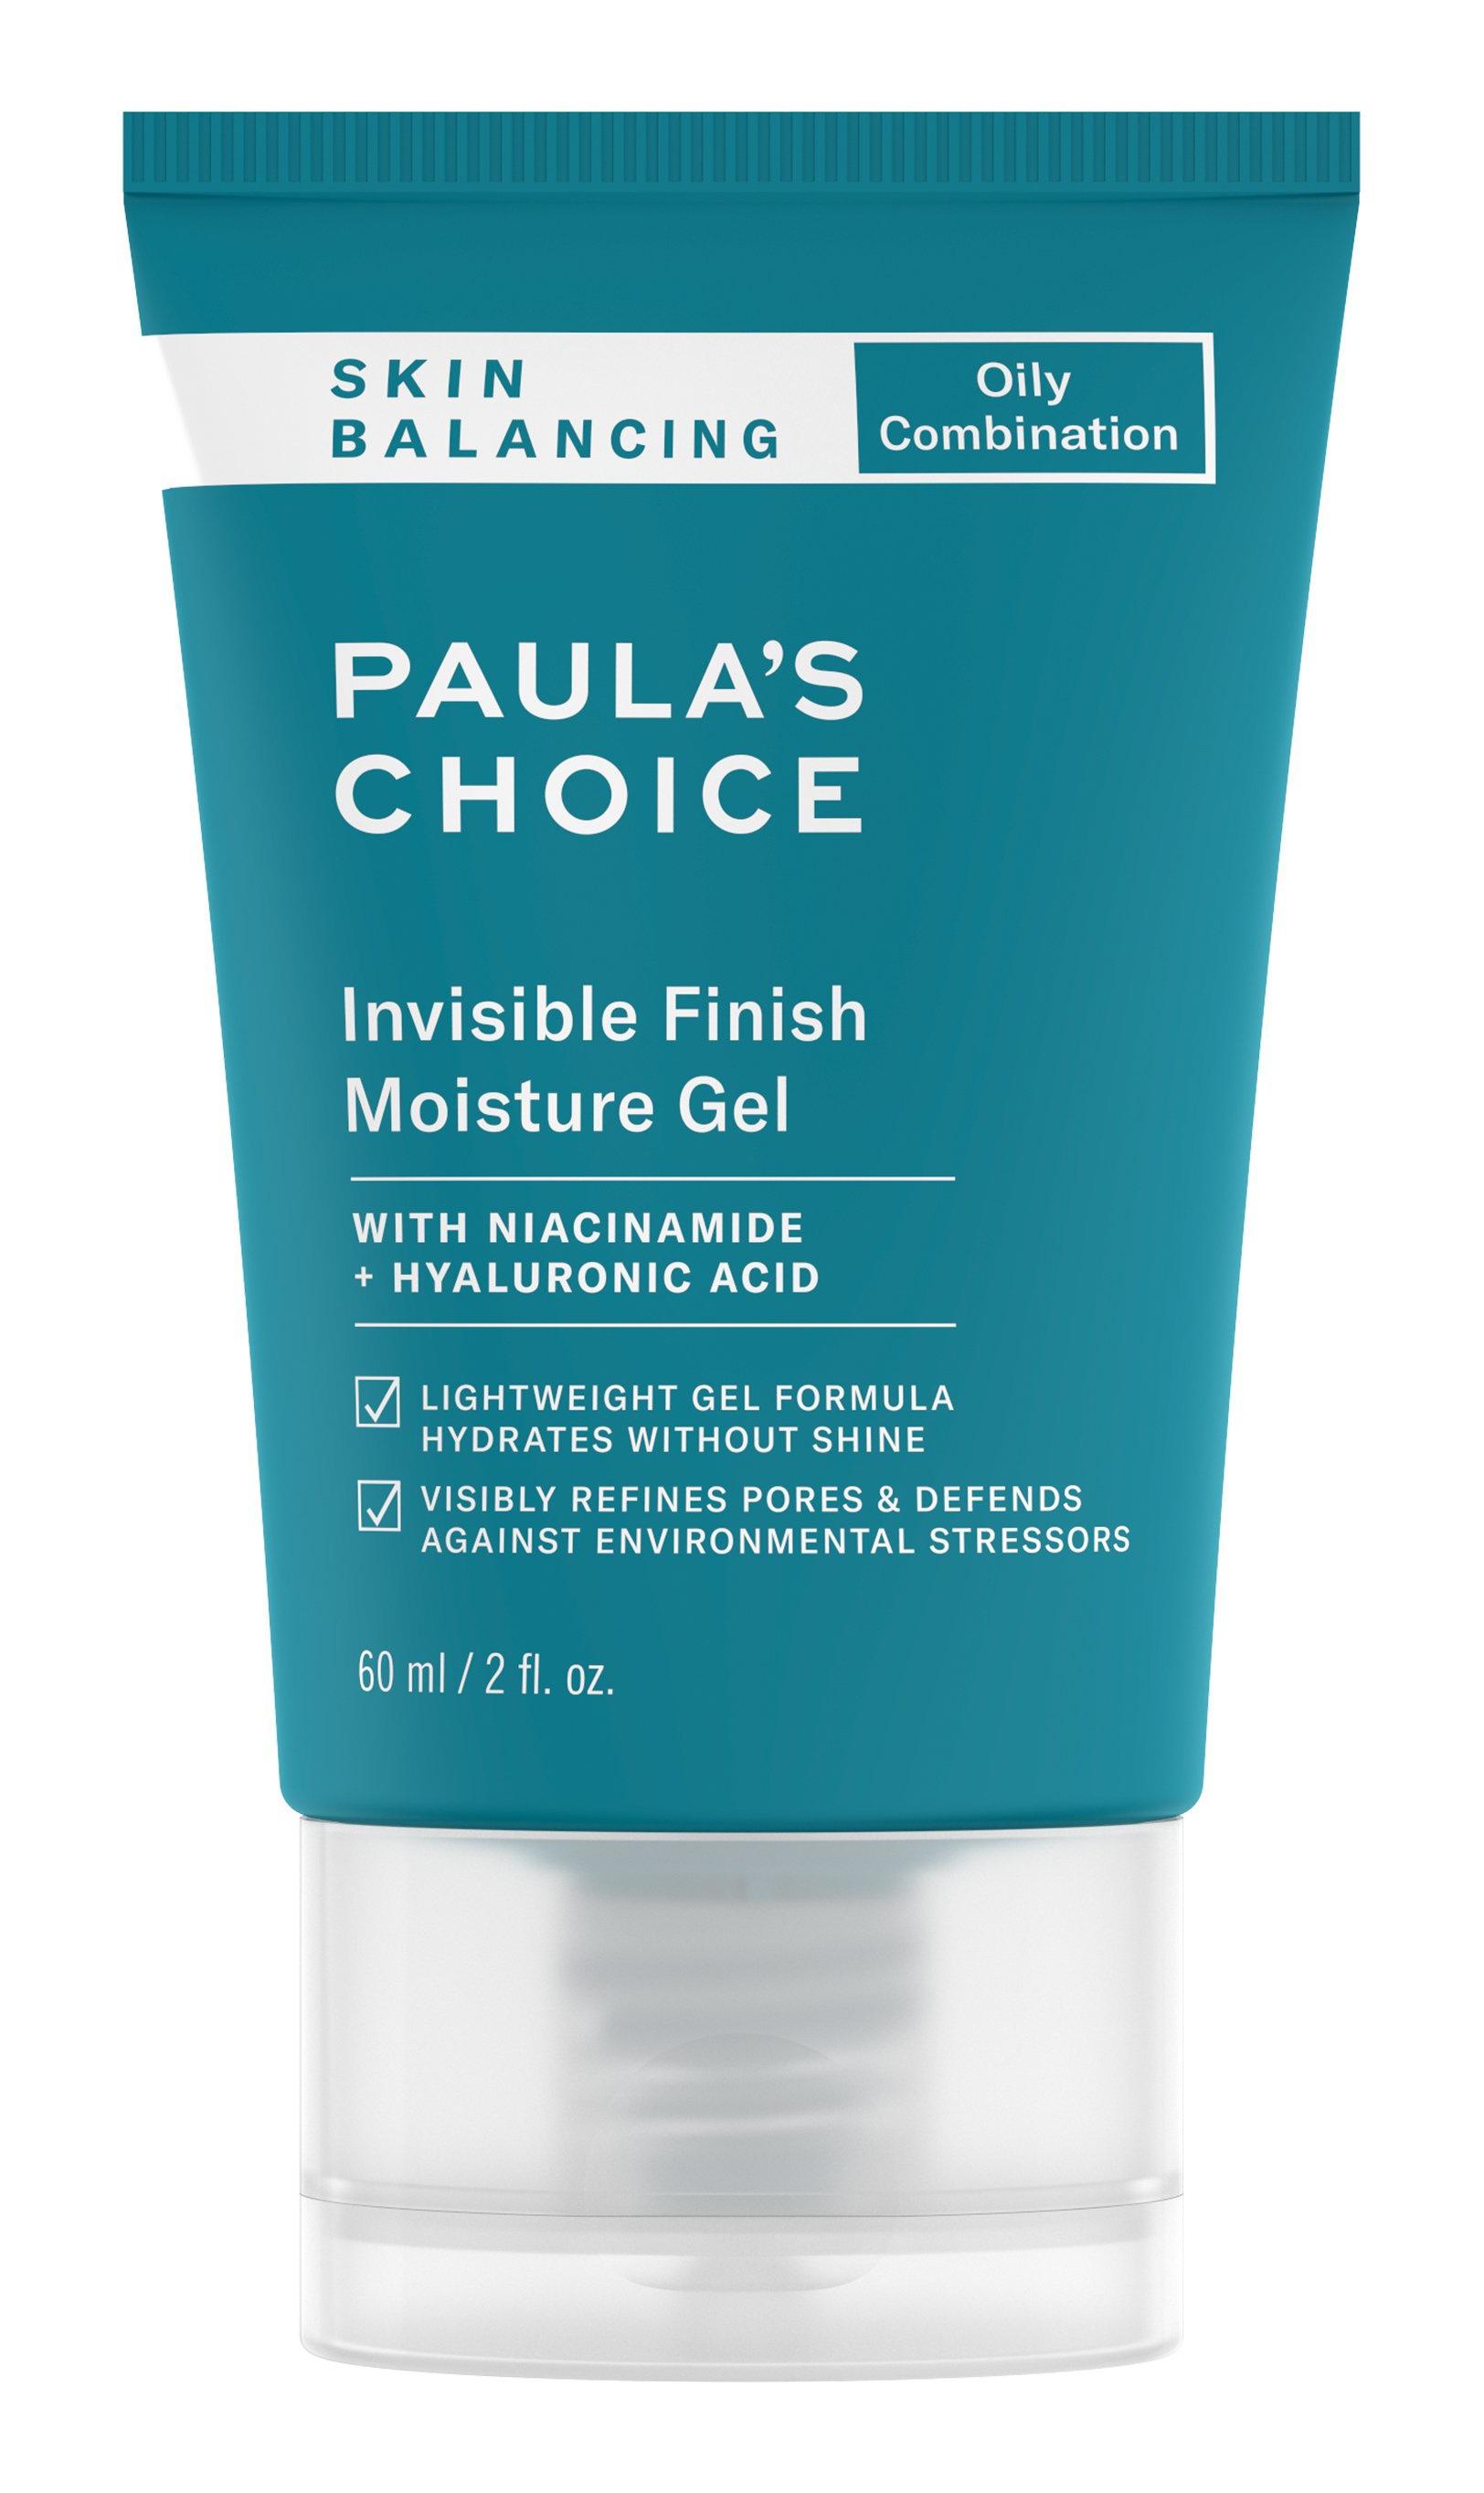 Paula's Choice Skin Balancing Moisturiser